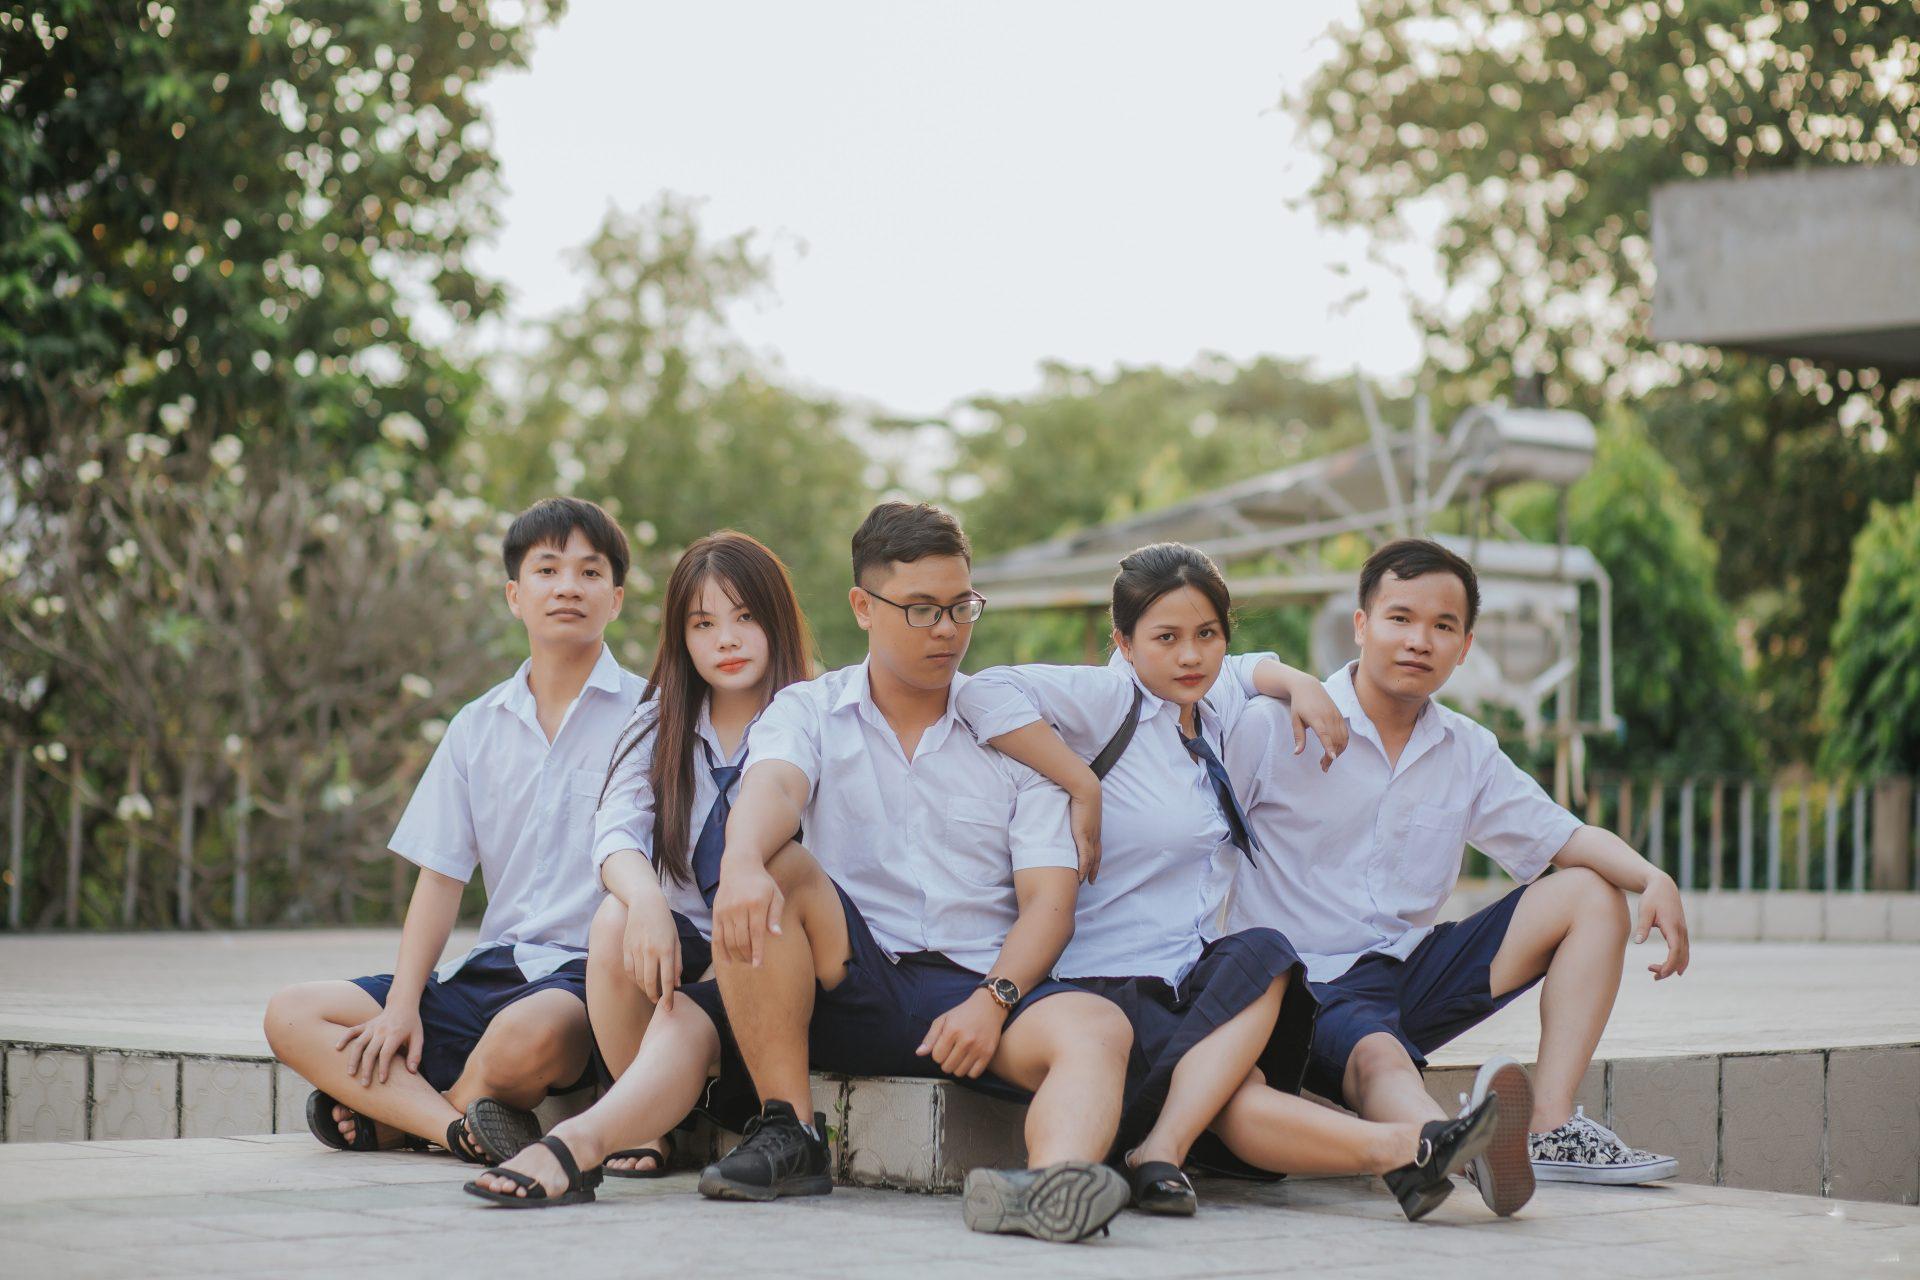 chụp ảnh nhóm 4 người đẹp